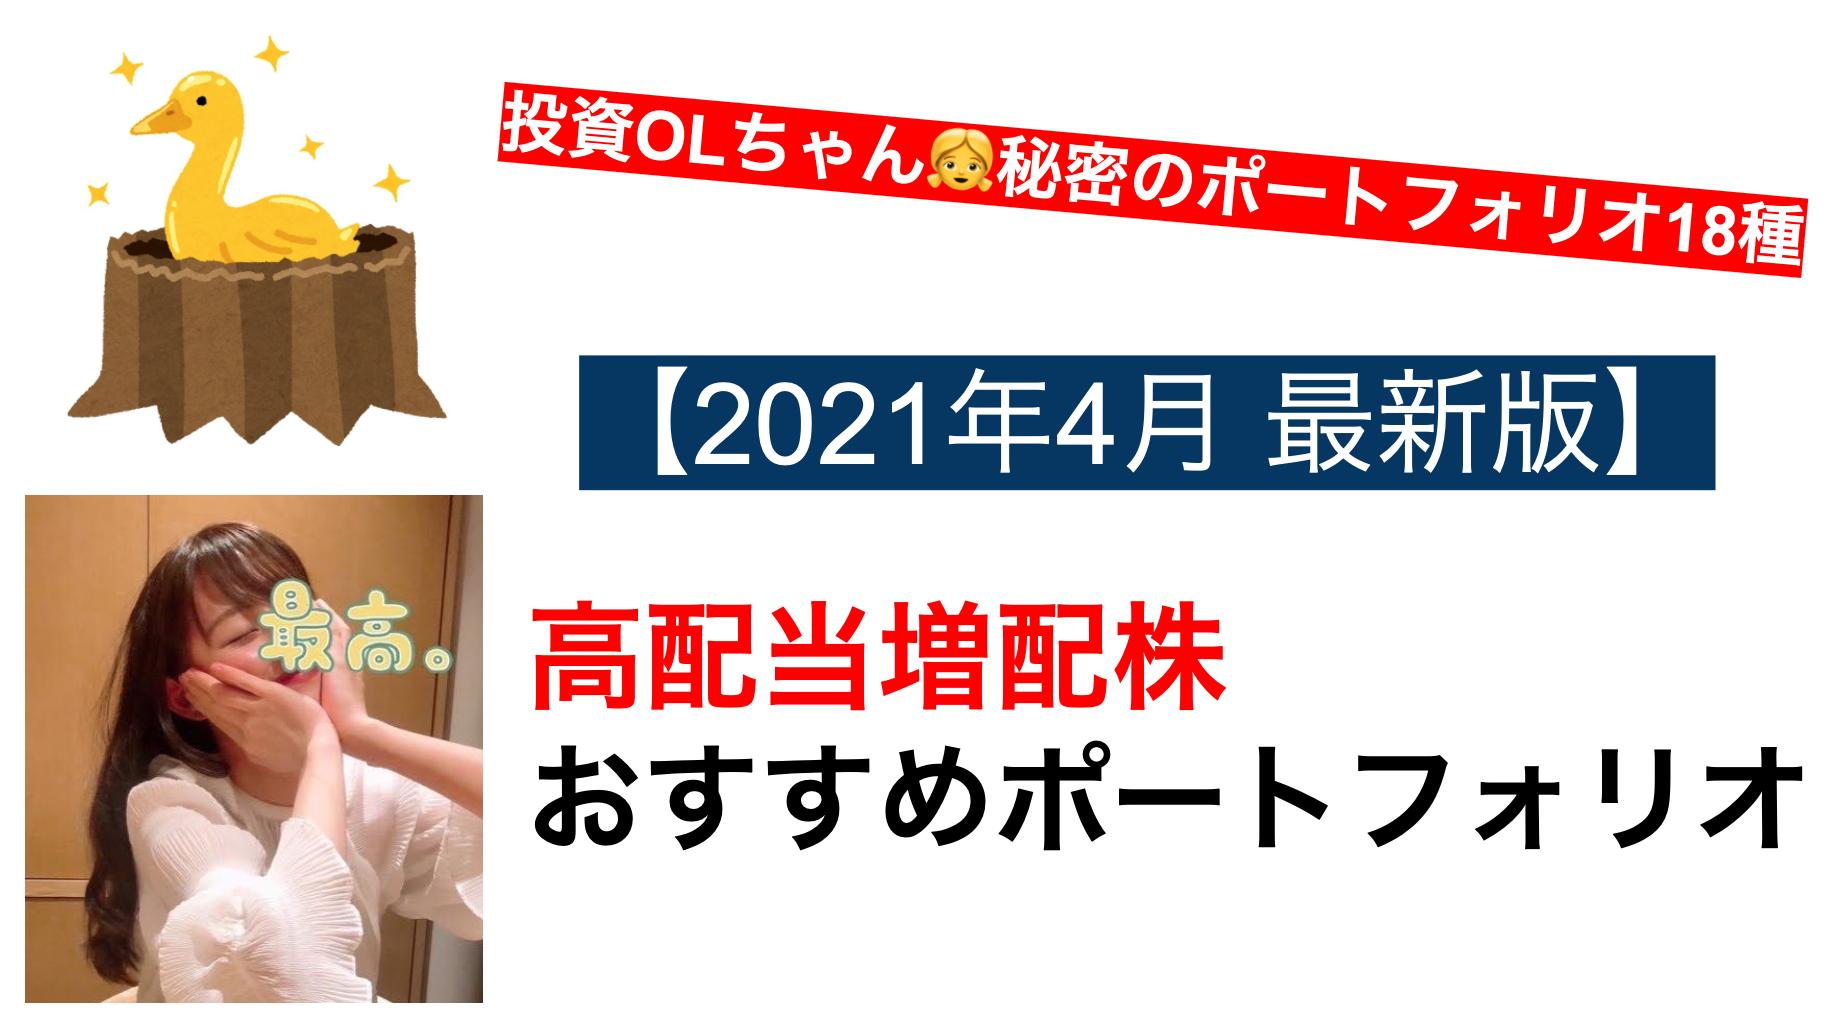 高配当増配株 おすすめ ポートフォリオ